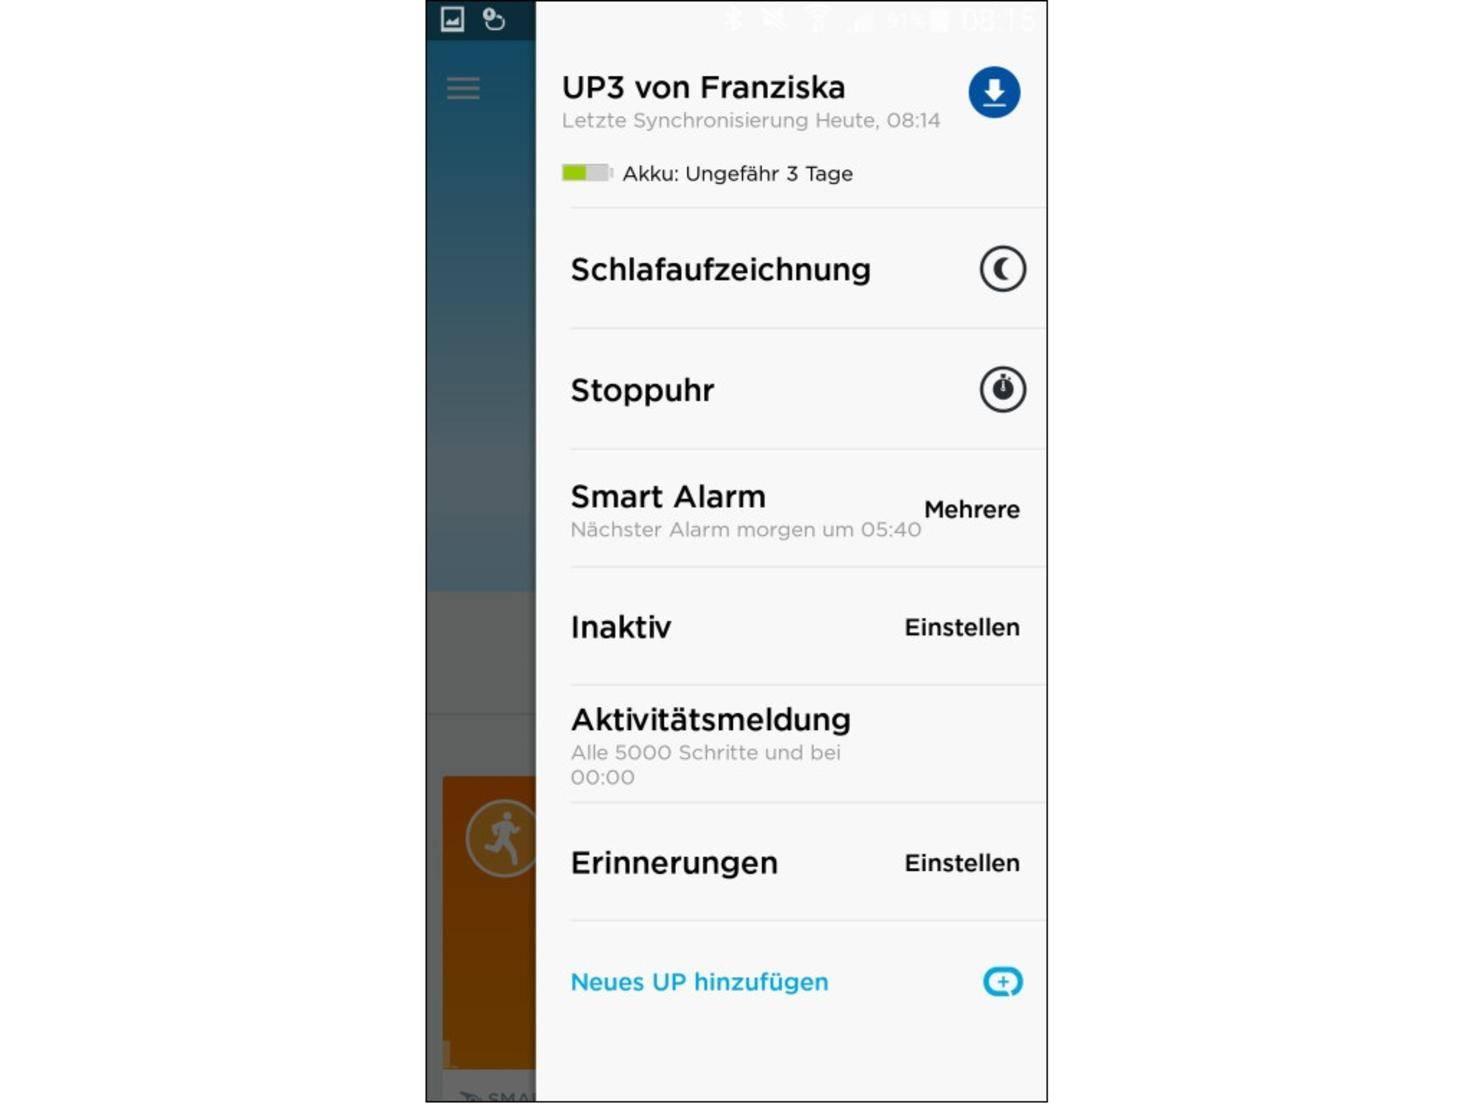 ... dass ein Firmware-Update für das Up3 verfügbar ist.